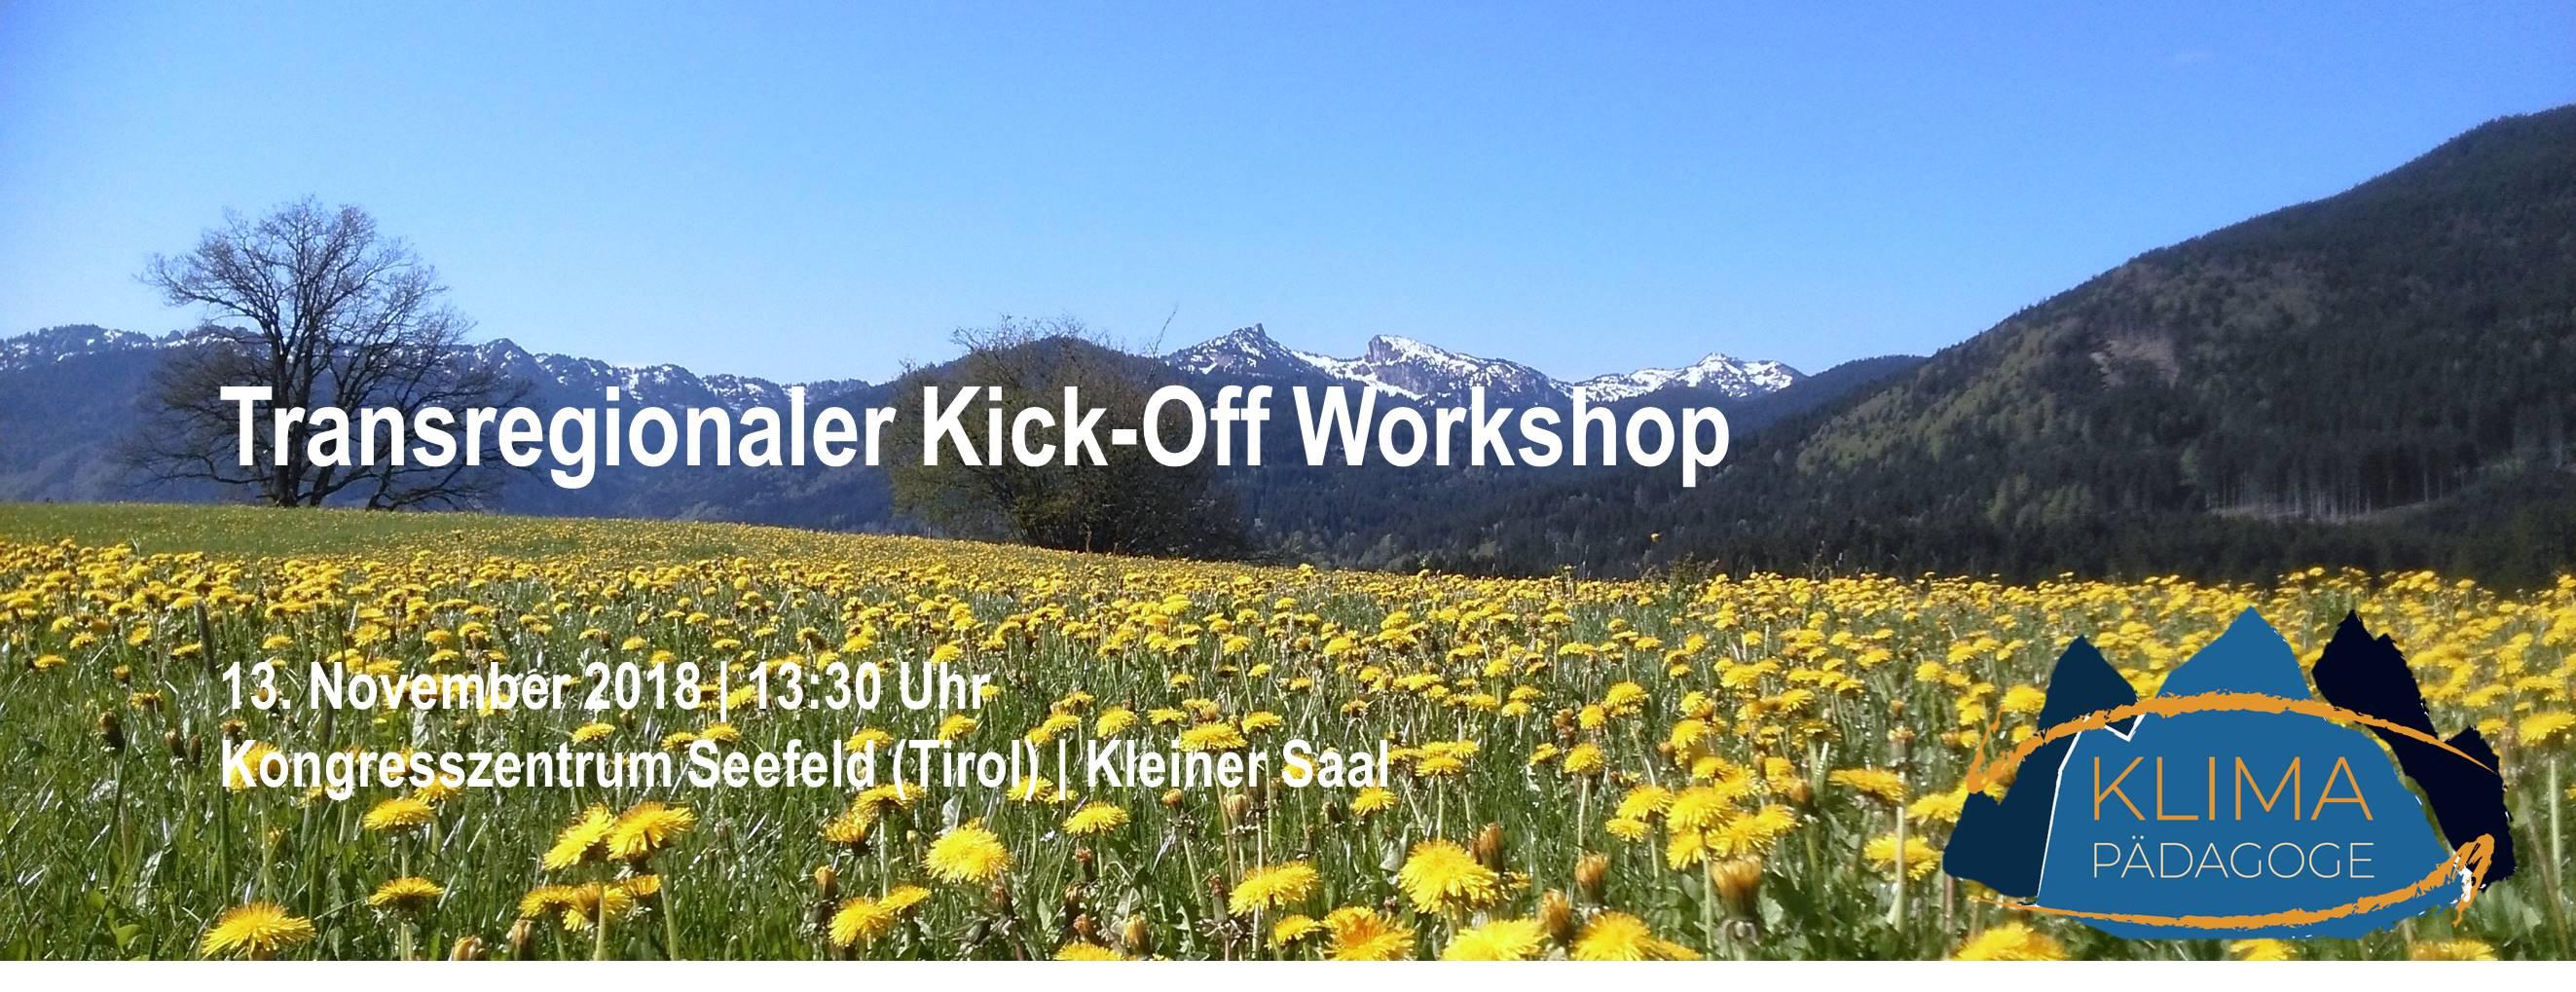 Einladung zum Kick-Off-Workshop KlimaPädagoge